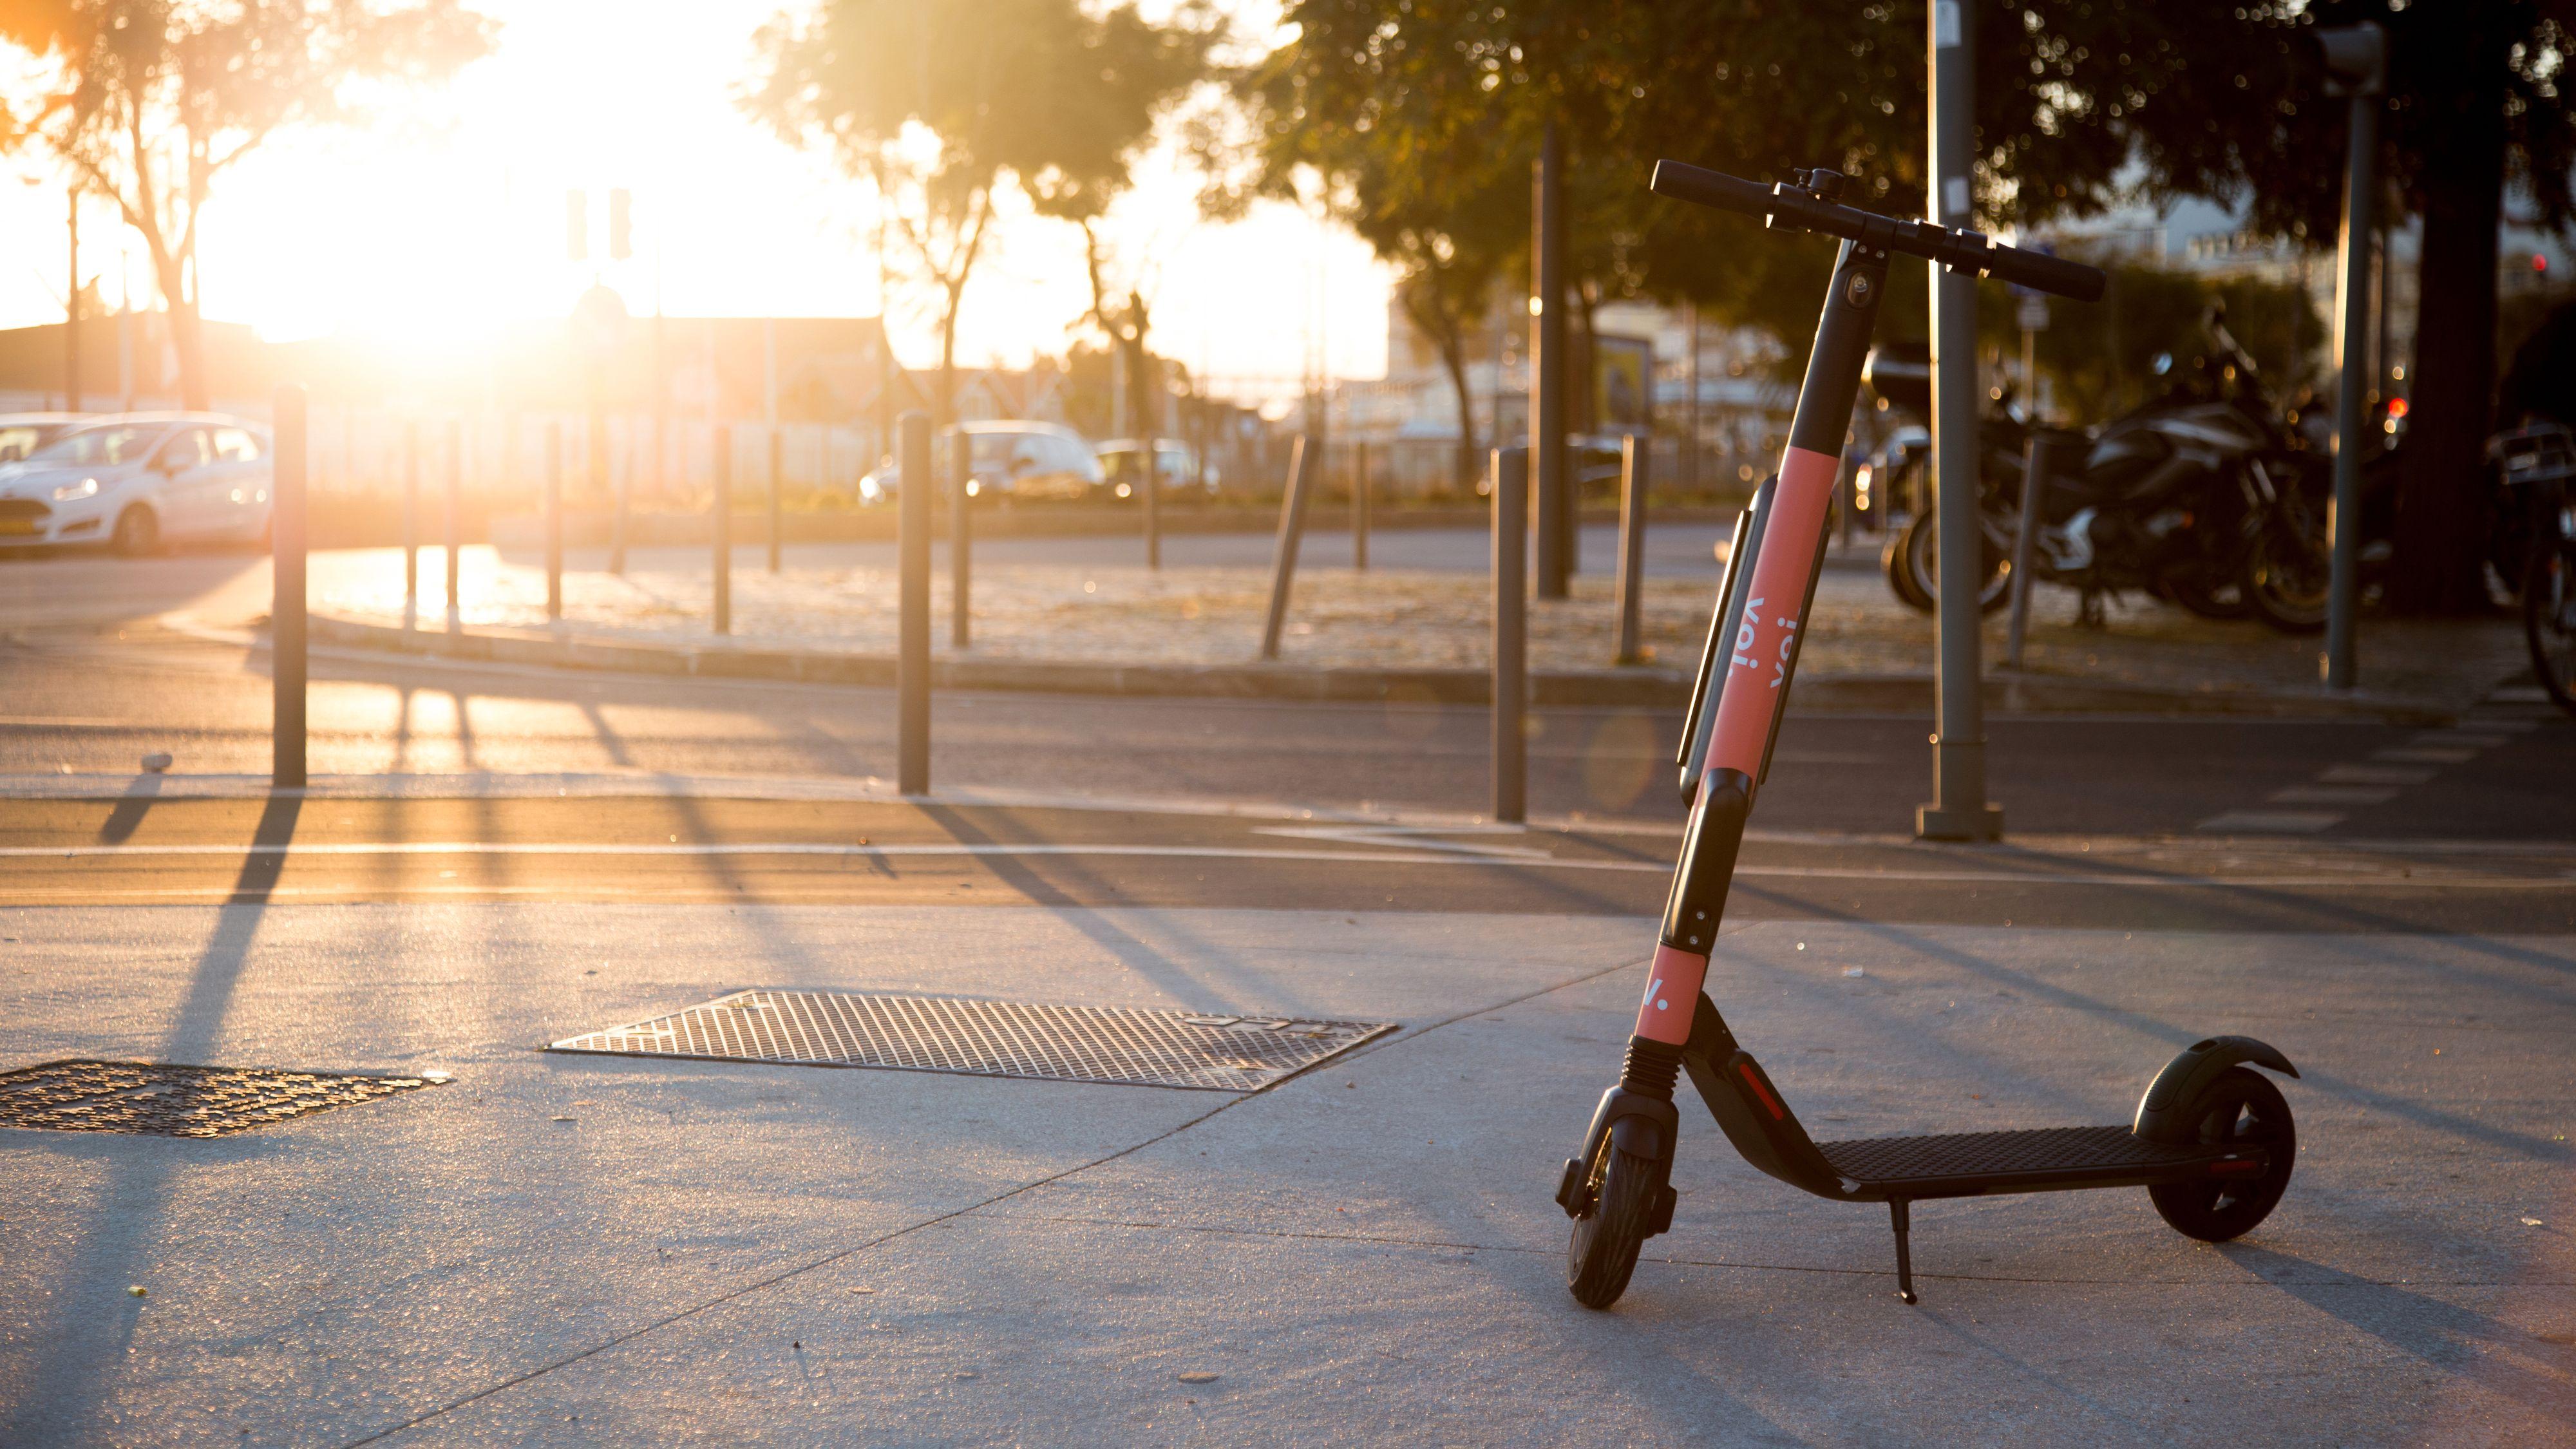 Forvent kaos: 11 aktører vil starte elsparkesykkel utleie i